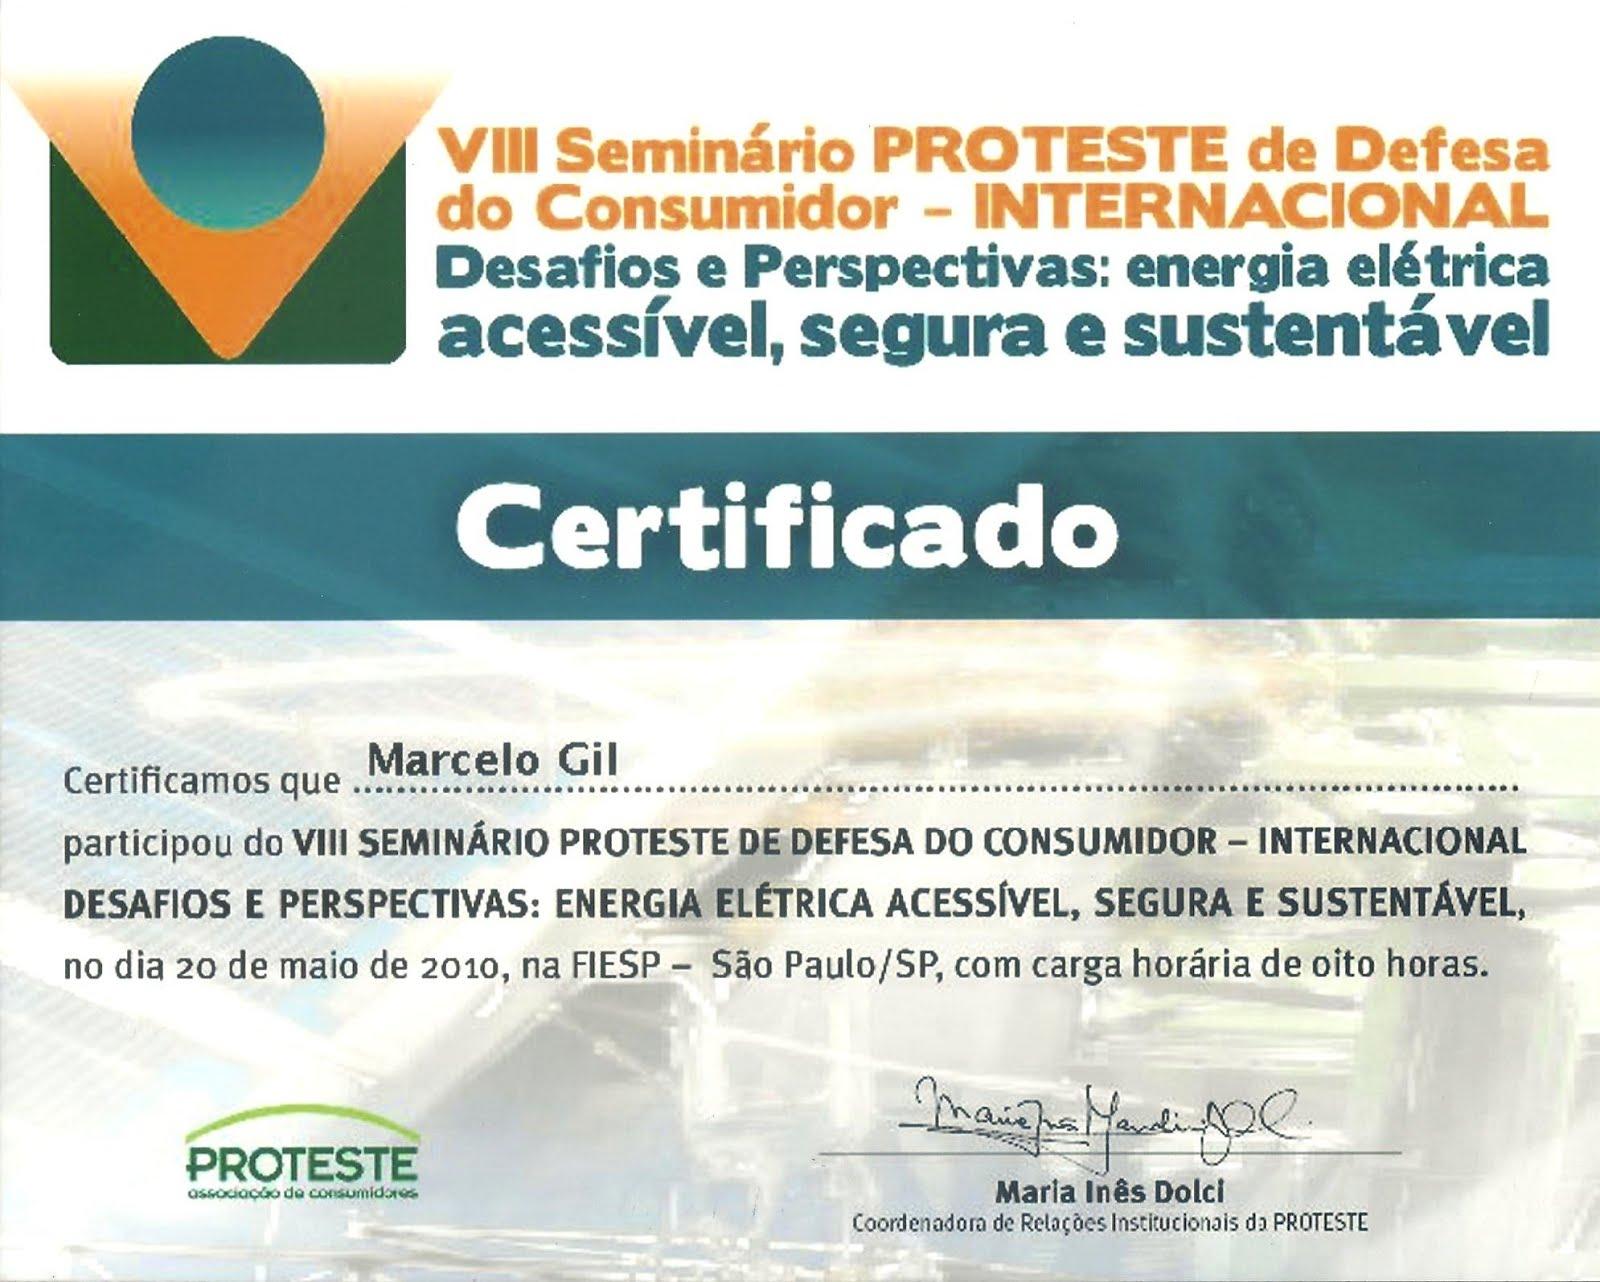 CERTIFICADO DE PARTICIPAÇÃO EM SEMINÁRIO DA ASSOCIAÇÃO BRASILEIRA DE DEFESA DO CONSUMIDOR - 2010